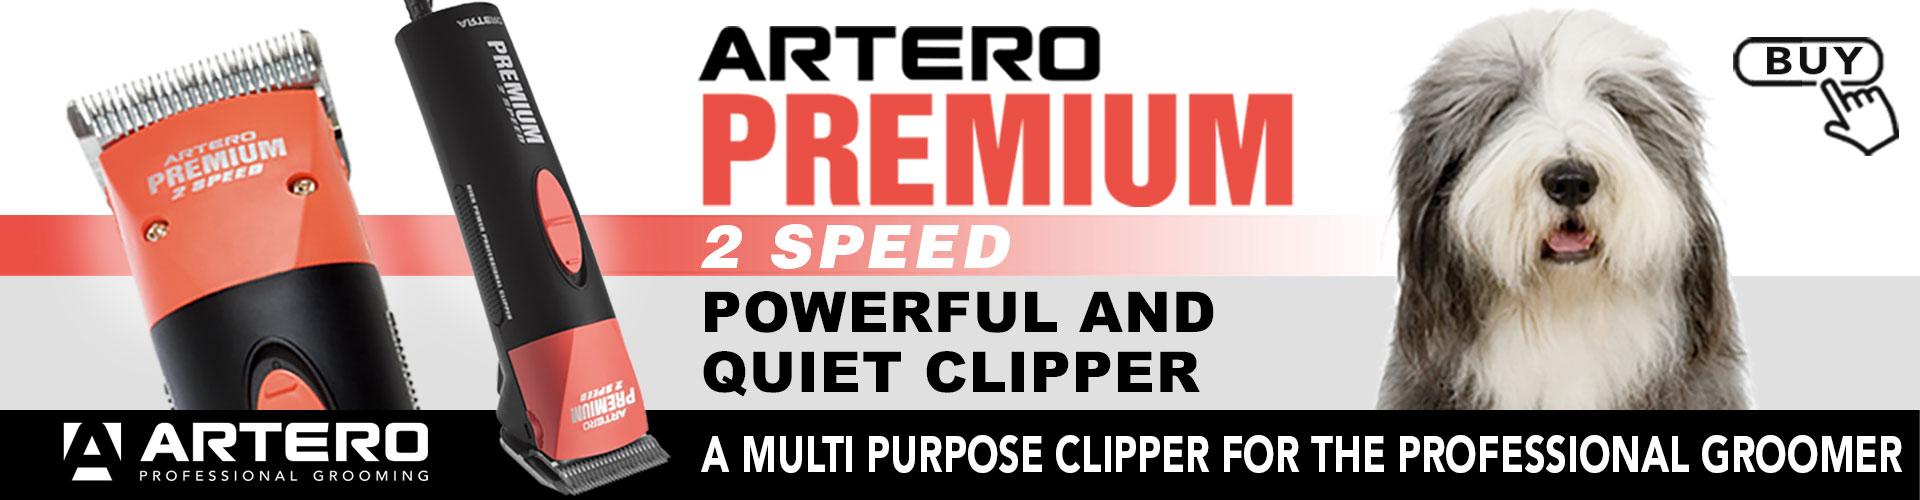 Artero Premium Clipper